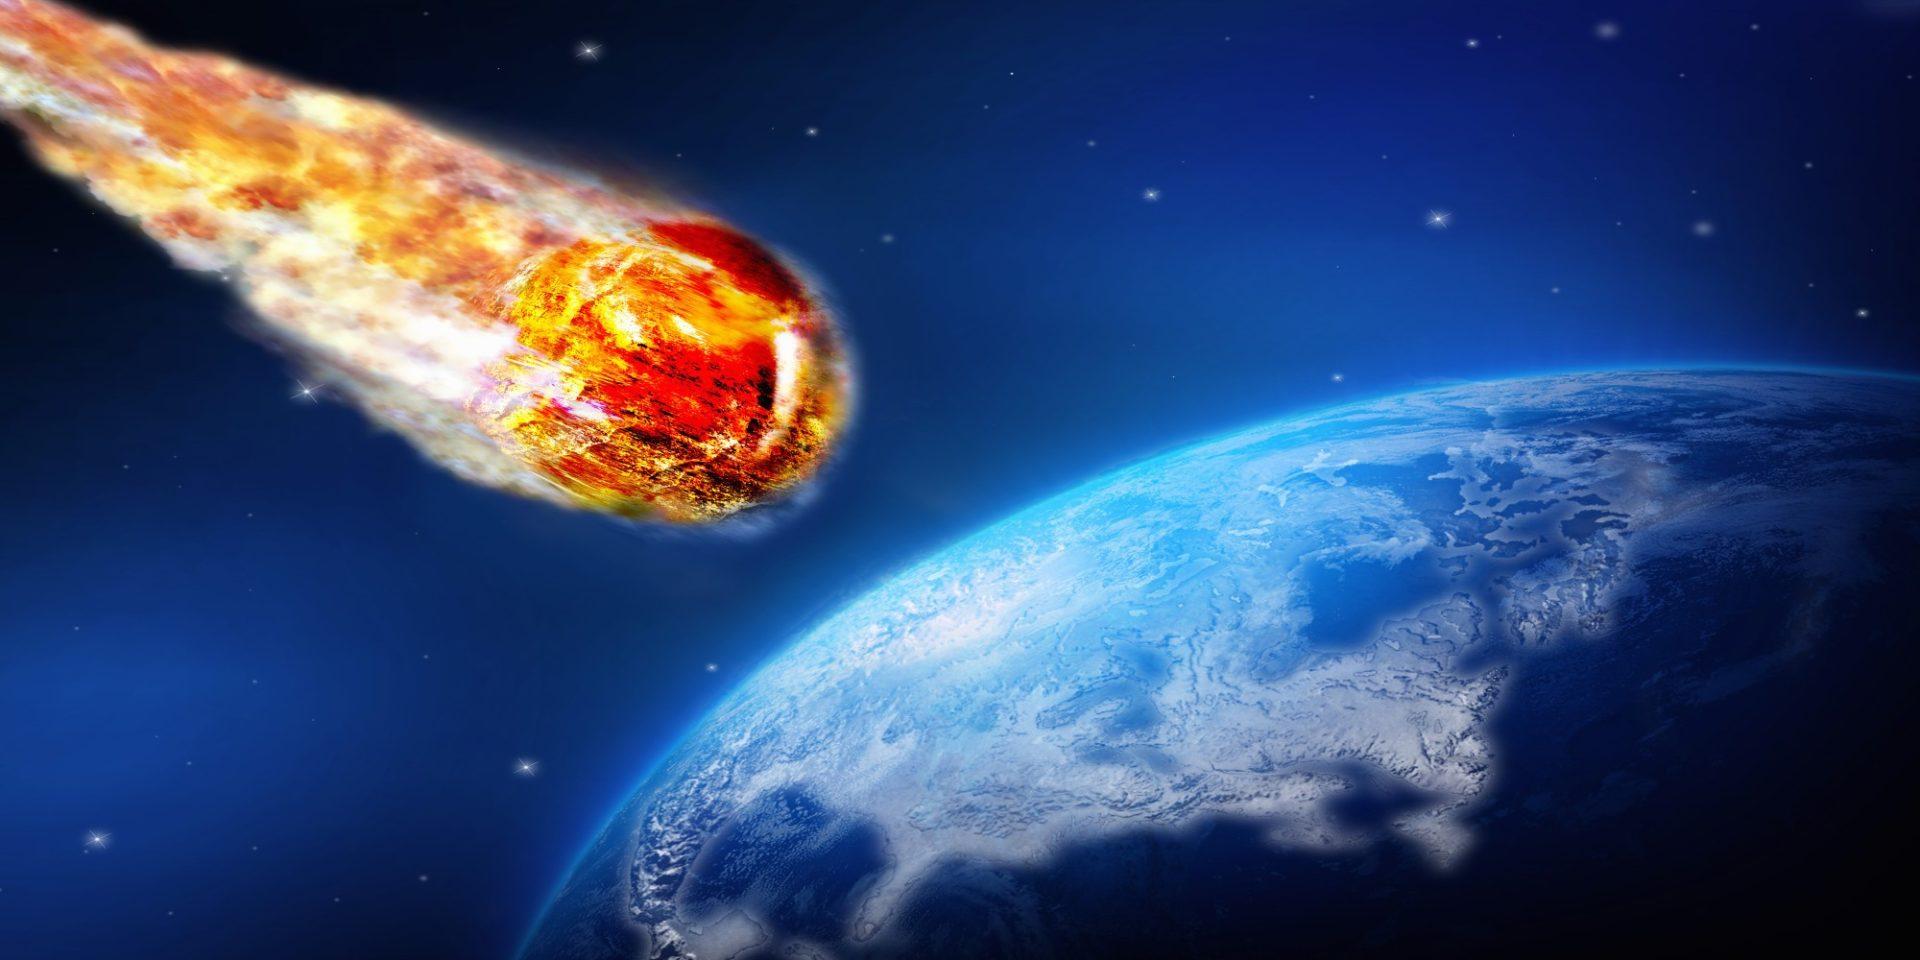 Во внешней части Солнечной системы обнаружилась комета диаметром 200 километров